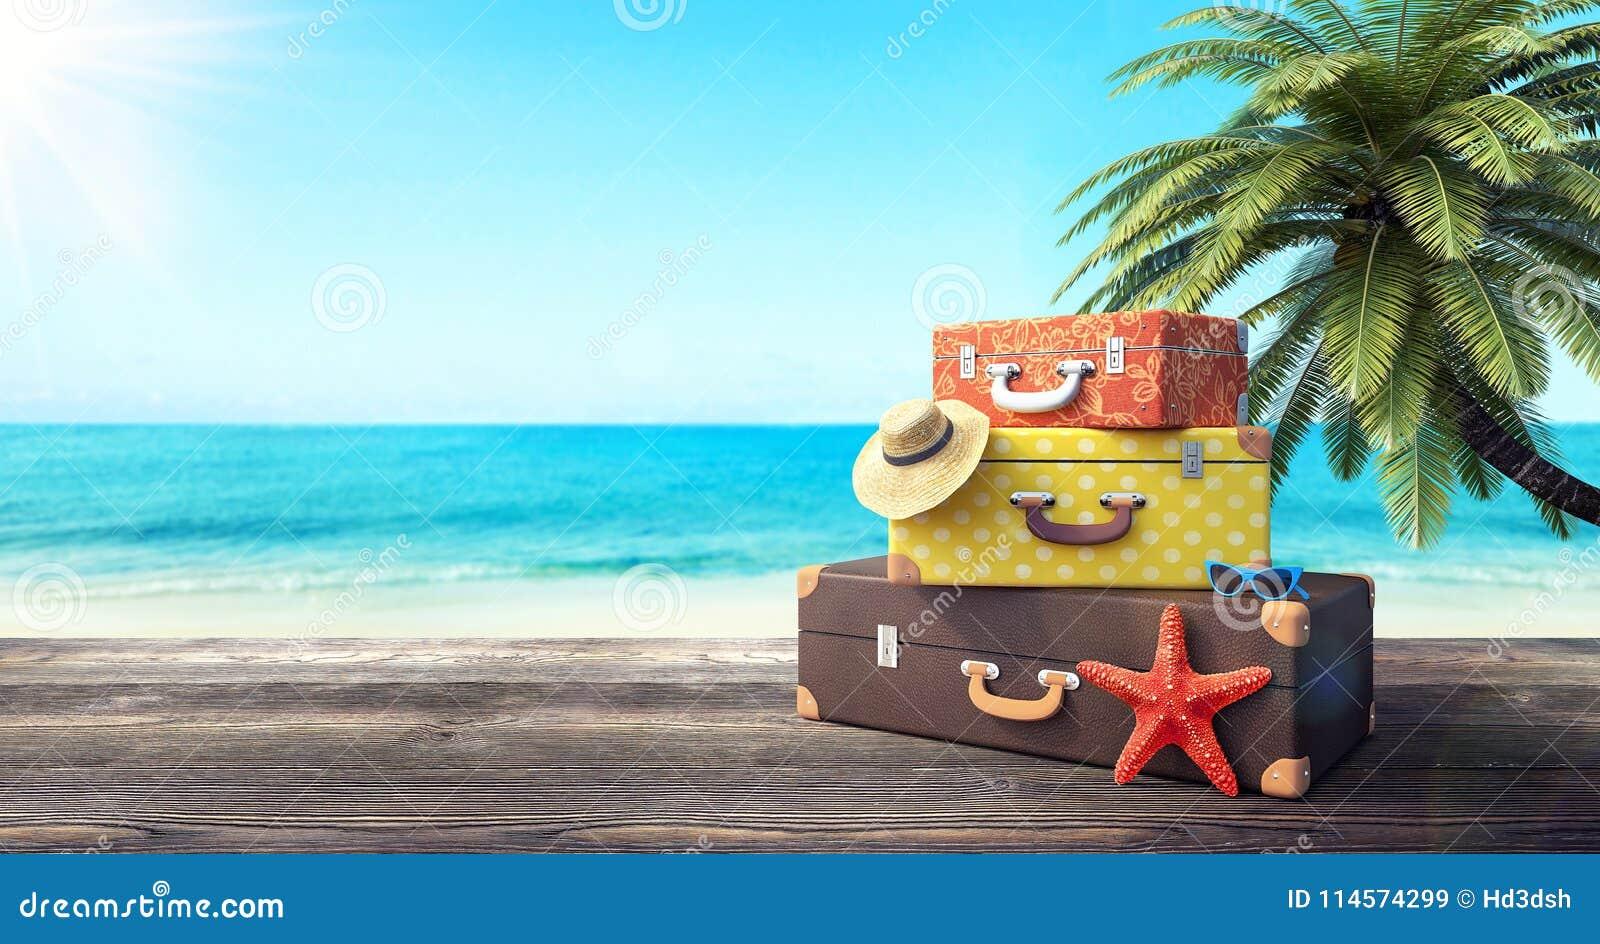 Έτοιμος για τις θερινές διακοπές, υπόβαθρο ταξιδιού